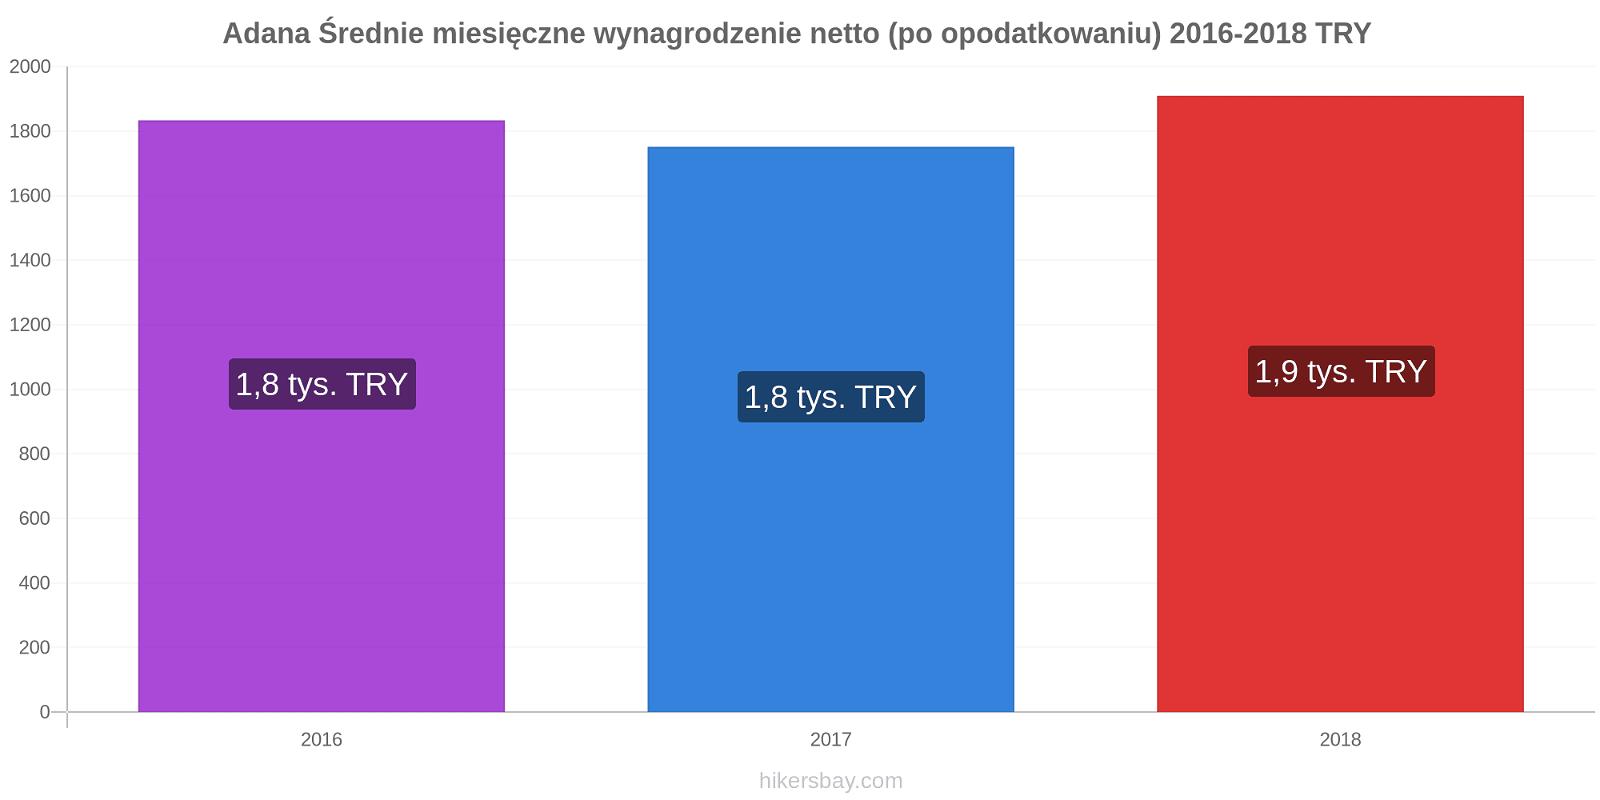 Adana zmiany cen Średnie miesięczne wynagrodzenie netto (po opodatkowaniu) hikersbay.com